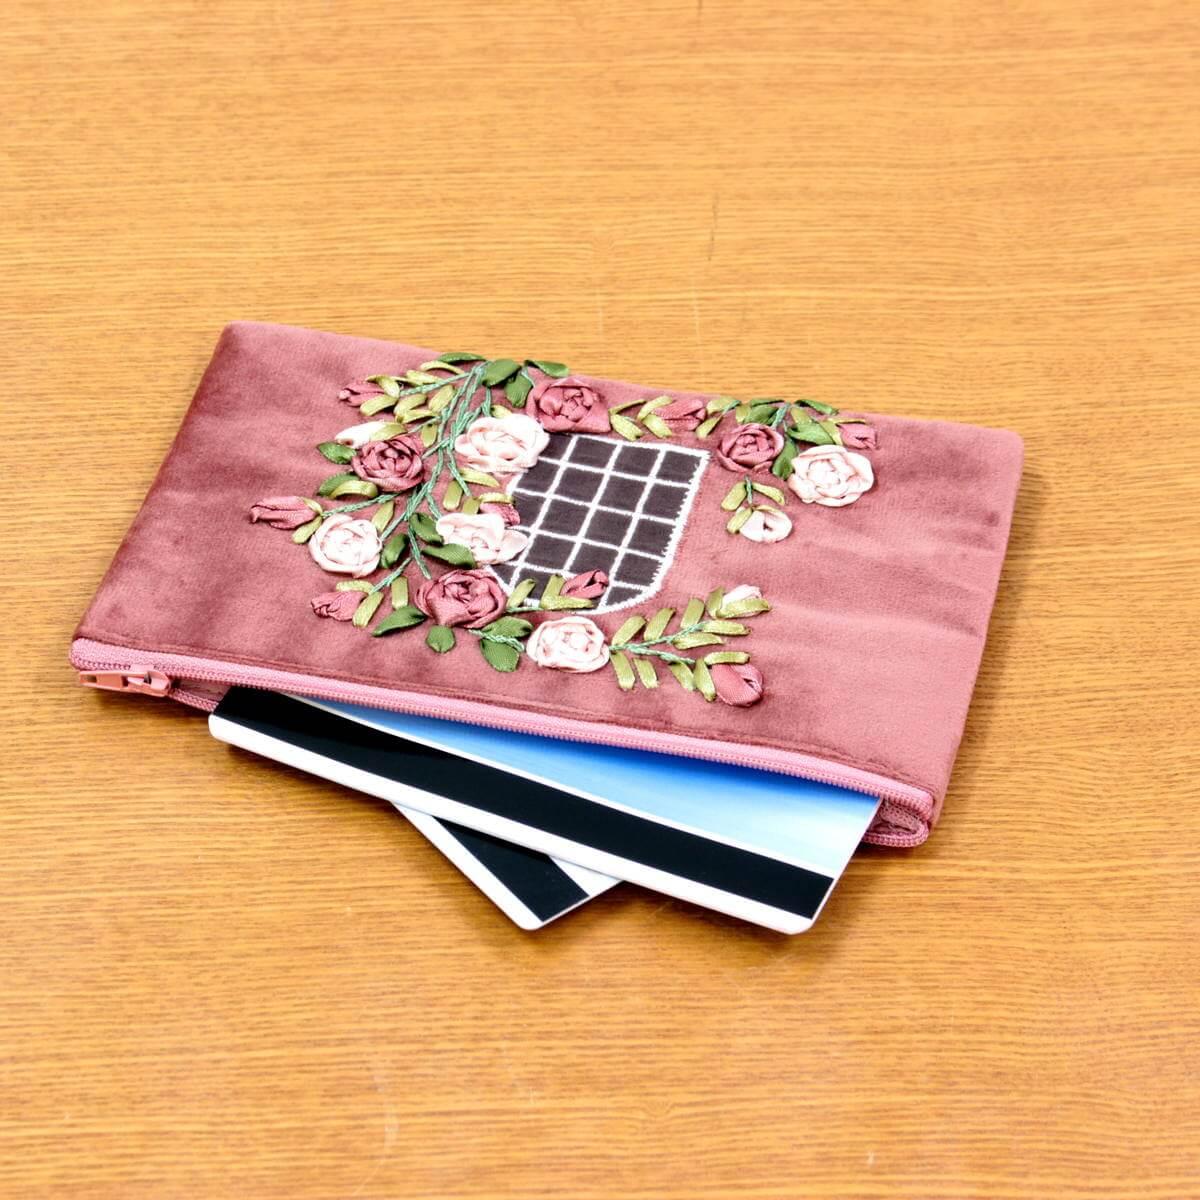 リボン刺しゅう フィールザローズ マルチケースは通帳や手帳など薄手のものを収納するのに便利です。